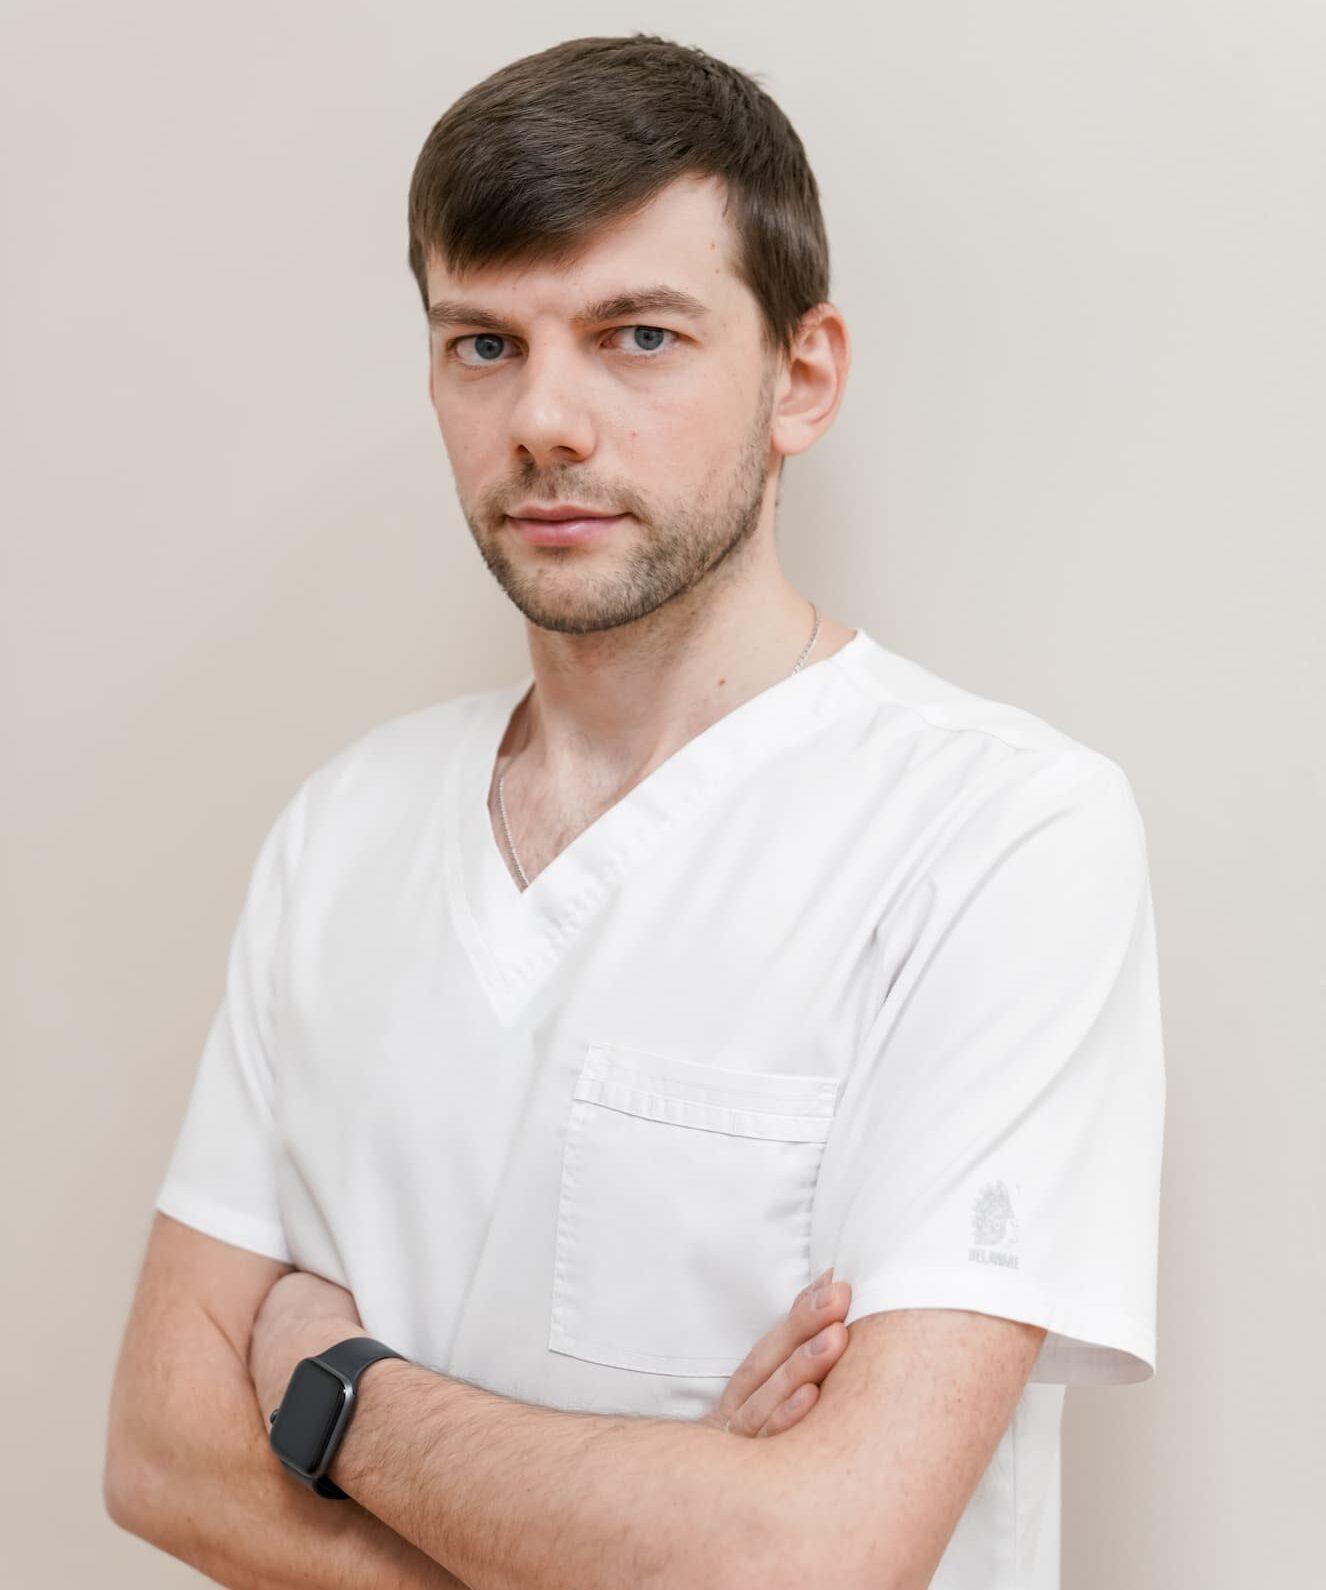 https://reutov.mrt-diomag.ru/wp-content/uploads/2021/03/fomchenko-e1616529552156.jpeg